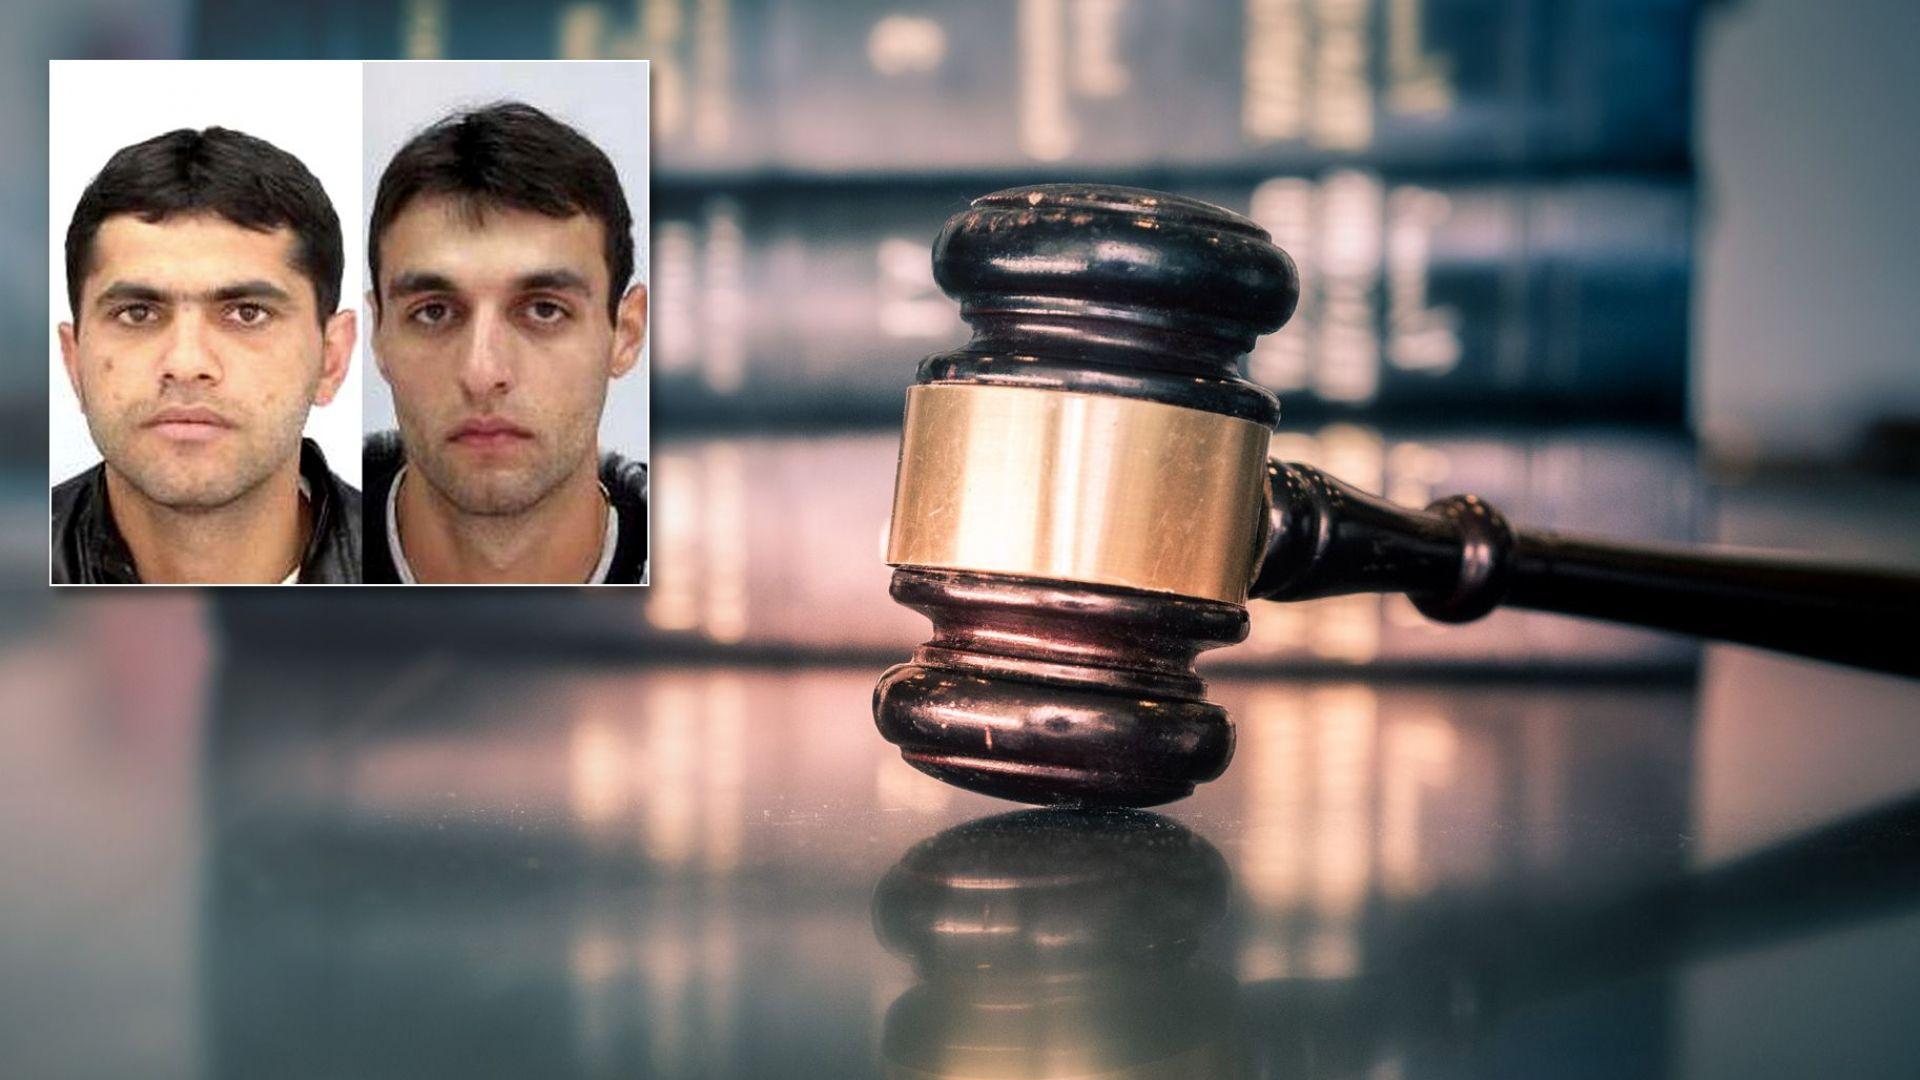 51 години затвор за убийците на бизнесмен